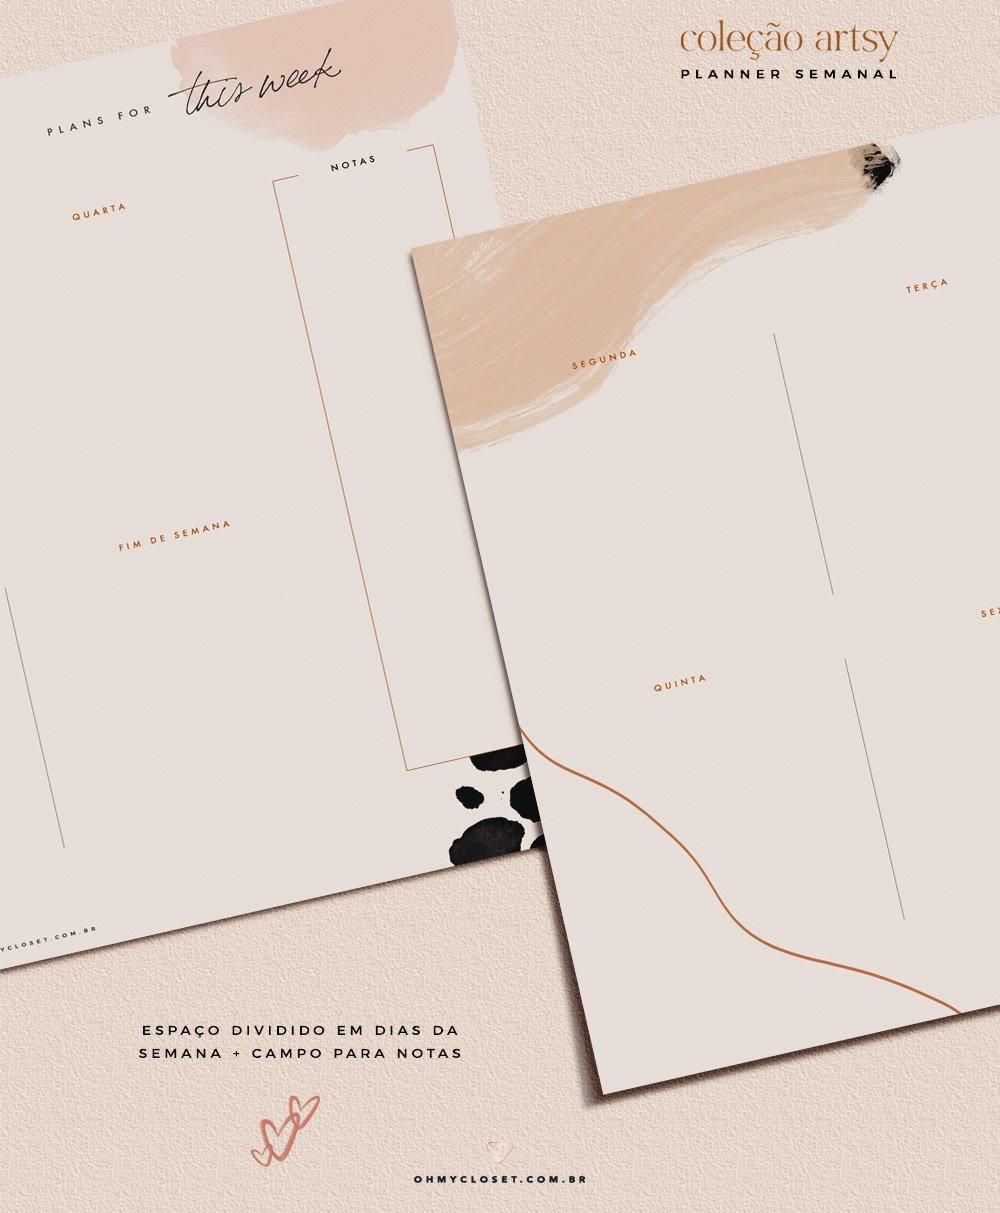 Detalhes do planner semanal do Oh My Closet!, por Mônica Almeida.